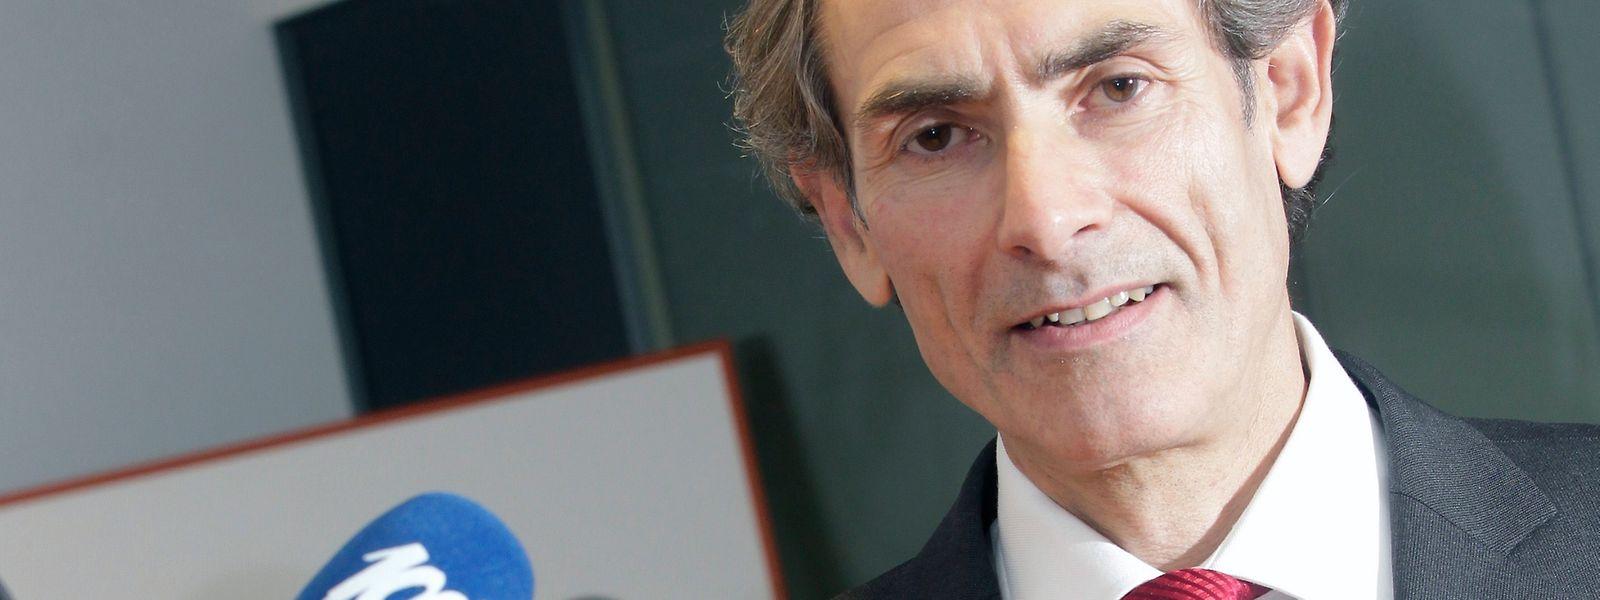 Hoffmann übernahm die Leitung des Senders im Jahr 2013.